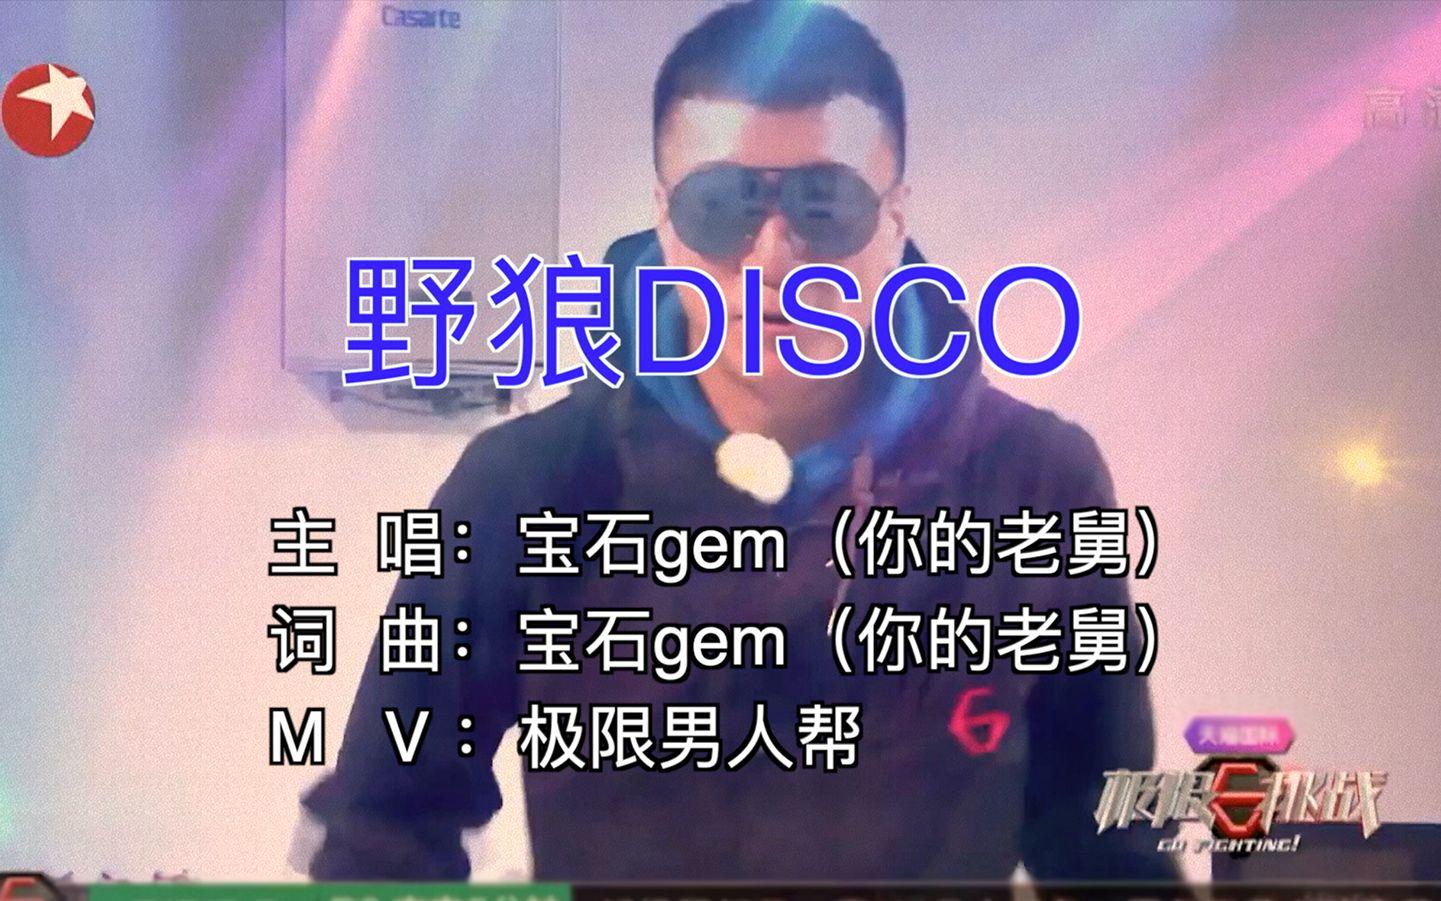 东北第一狠人孙红雷领衔极限男人帮版《野狼disco》,什么水平?